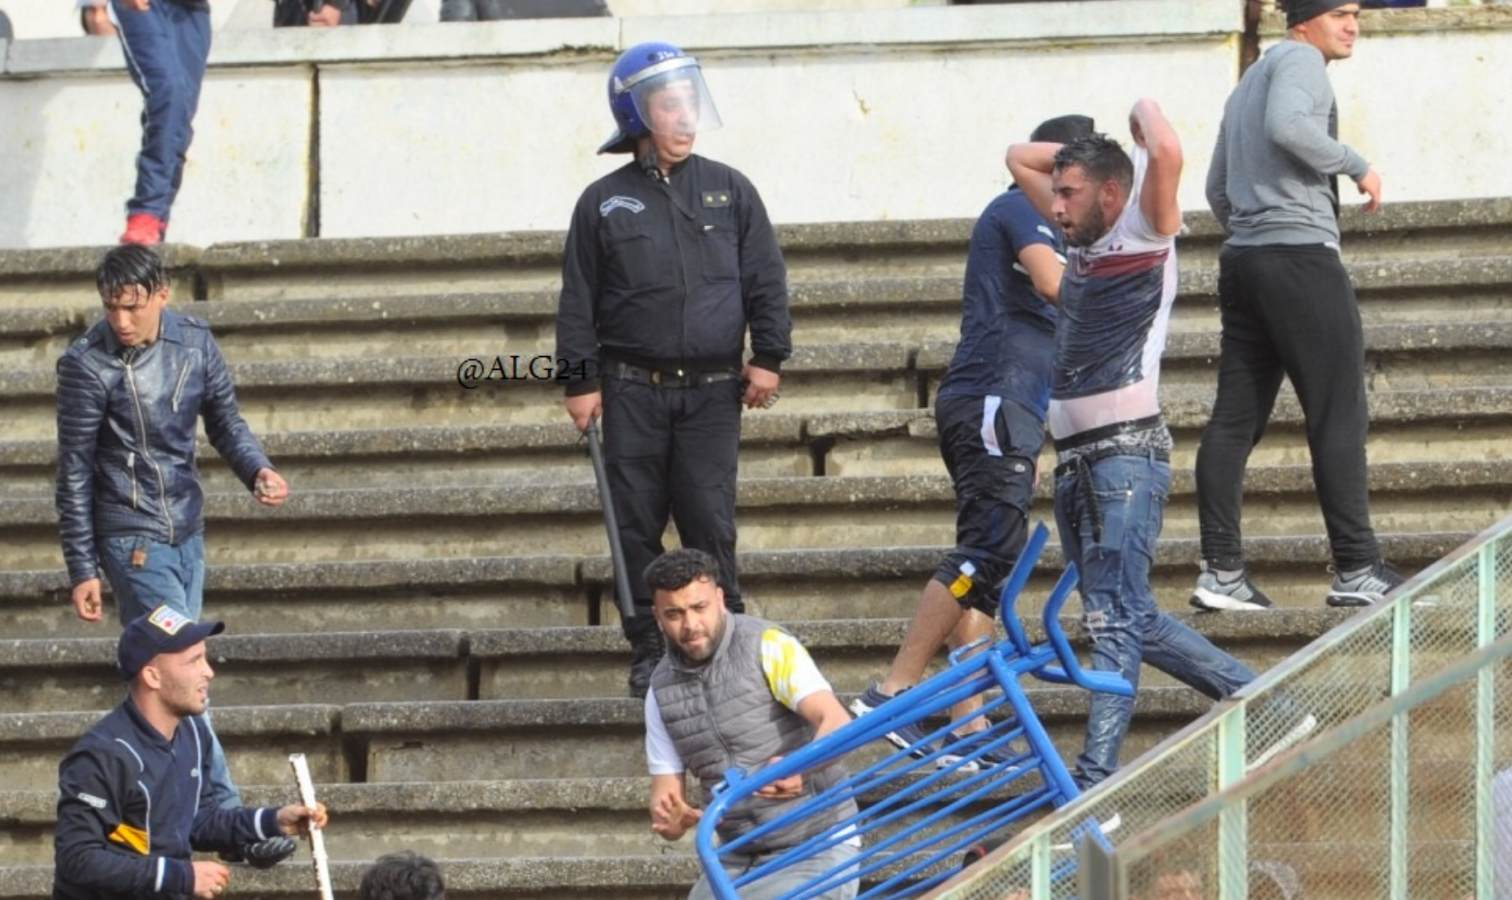 violences tribunes jsk mca supporters